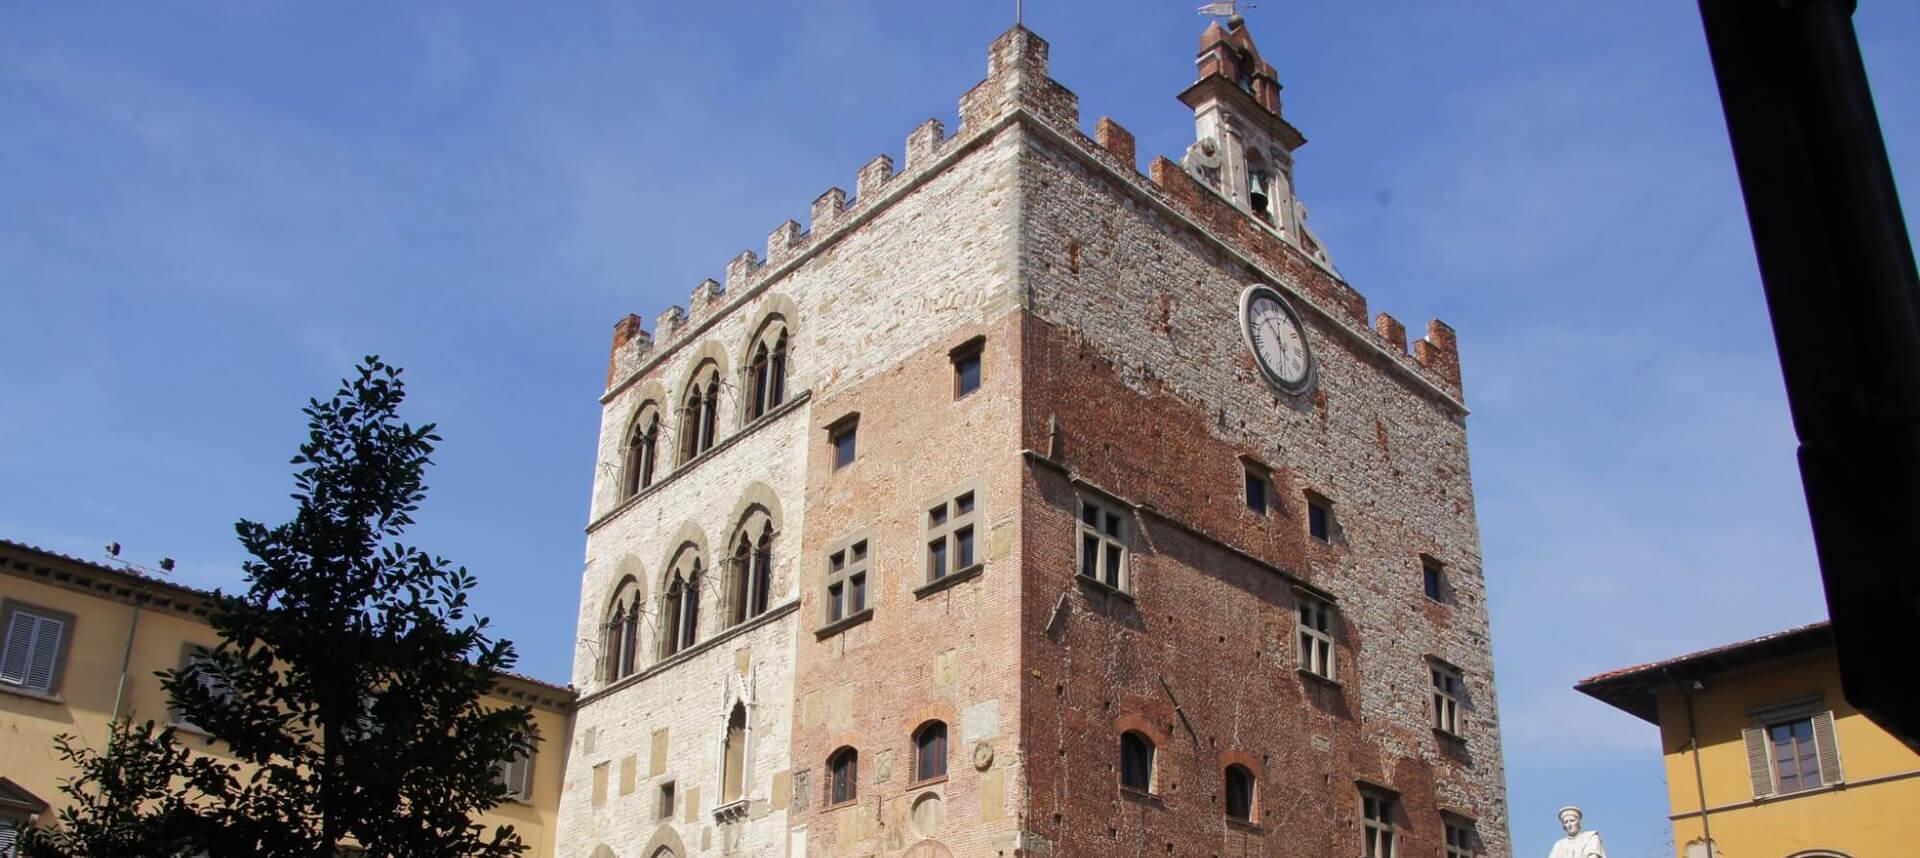 Campinoti & Bozzoni - Portfolio Lavori - Palazzo Pretorio